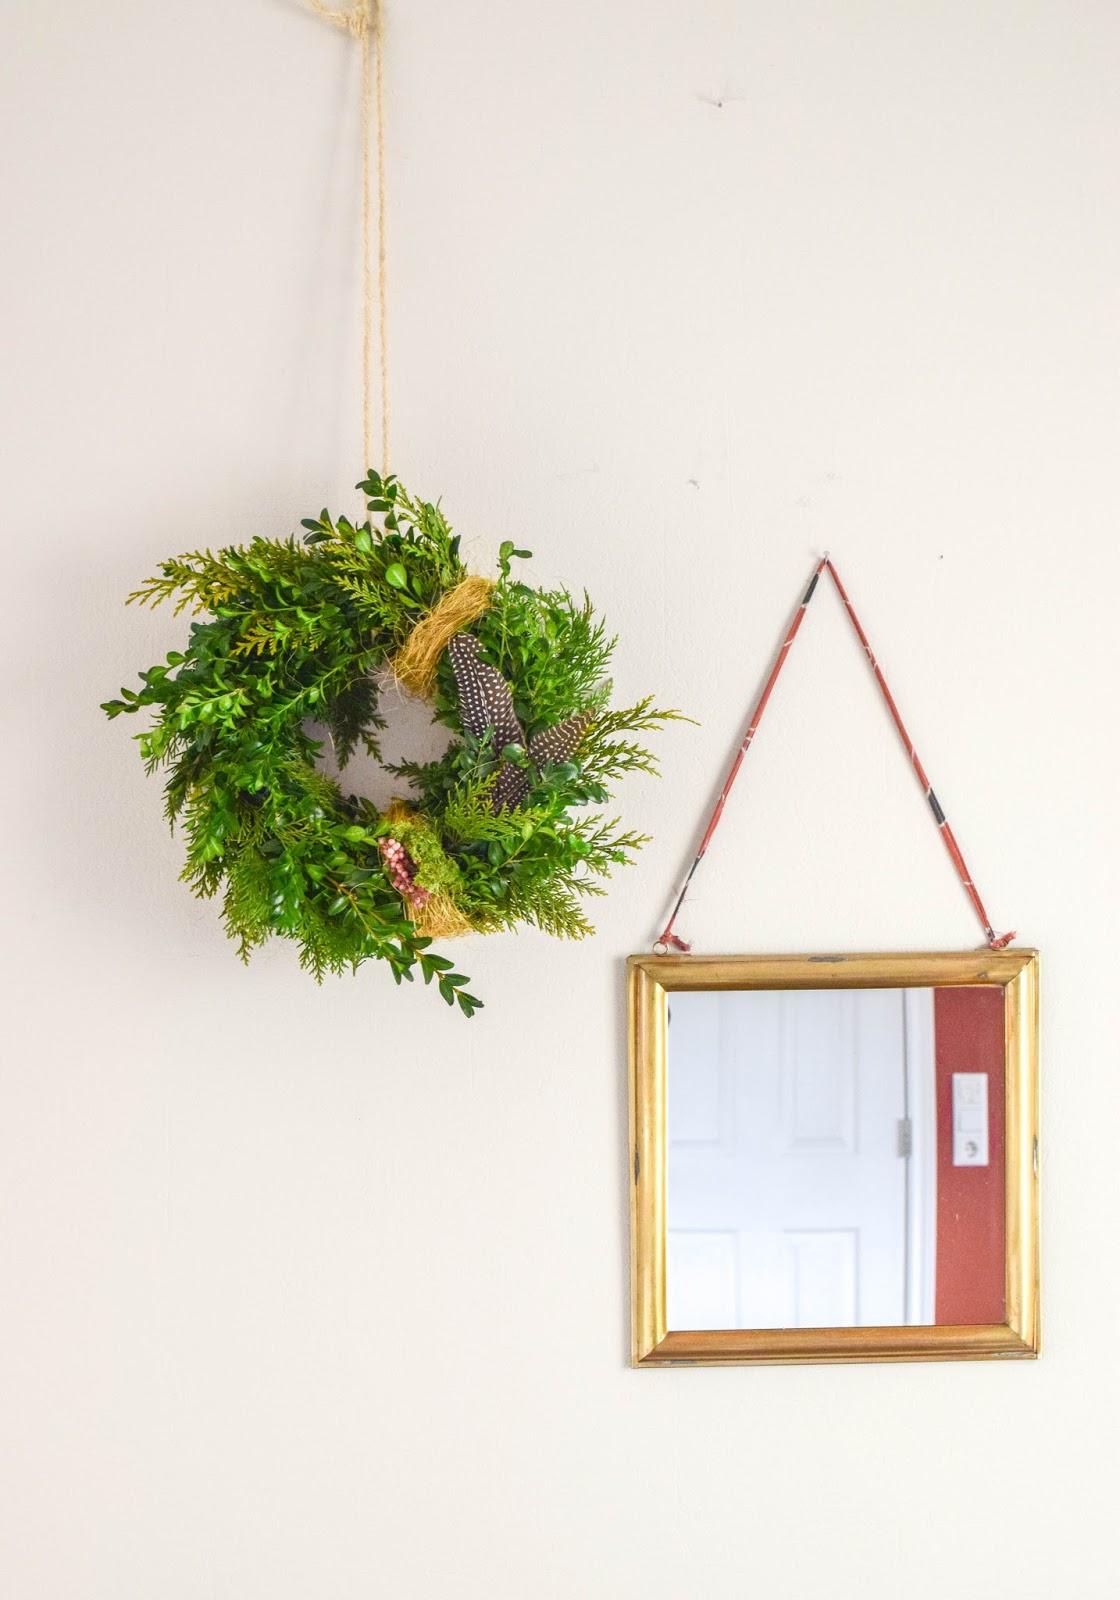 DIY Kranz selbermachen für Frühling. Frühlingskranz einfach selbstgemacht aus Thuja Buchs. Natürlich Deko, dekorieren